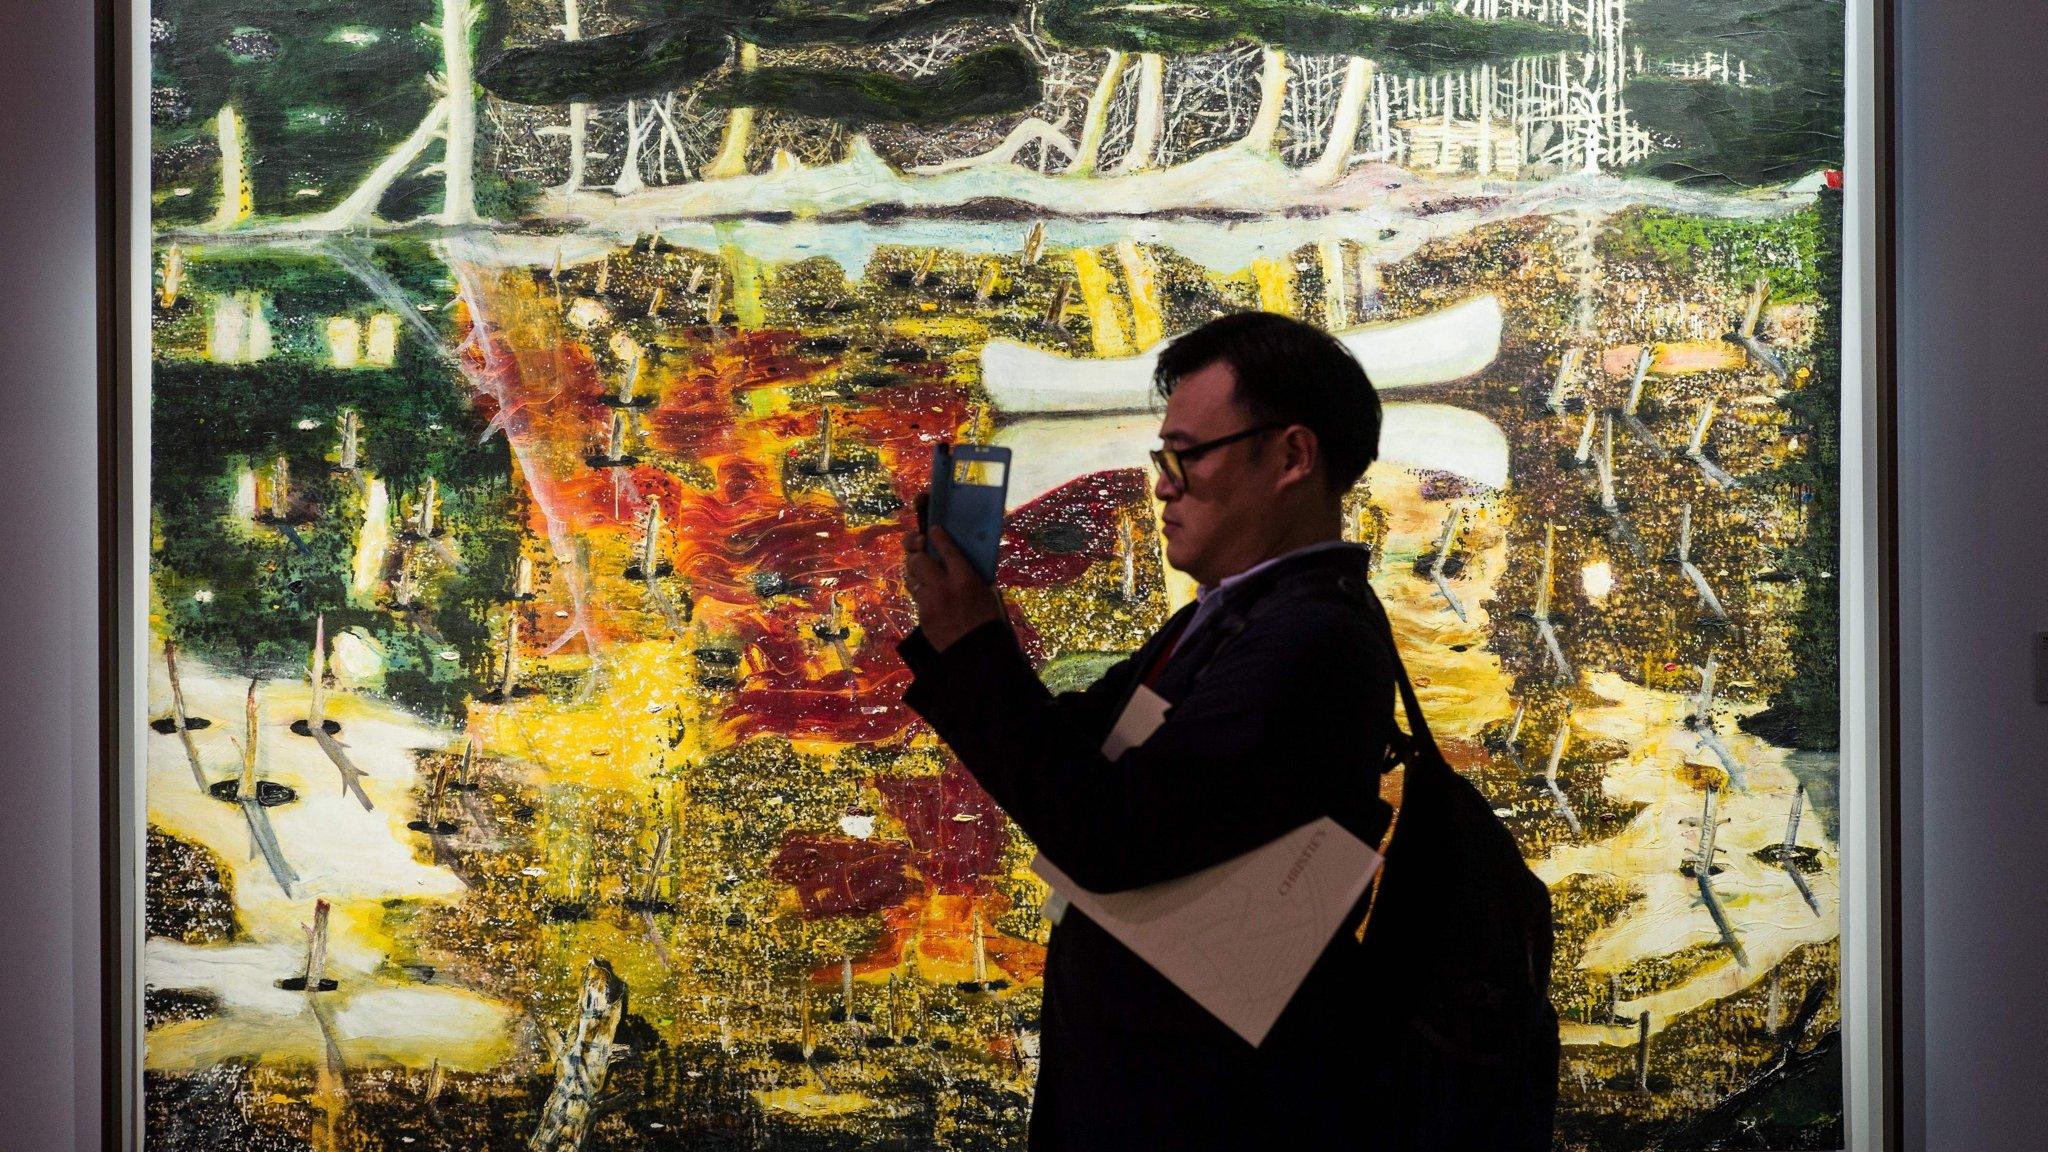 London-based art fund targets $1bn lending in Asia